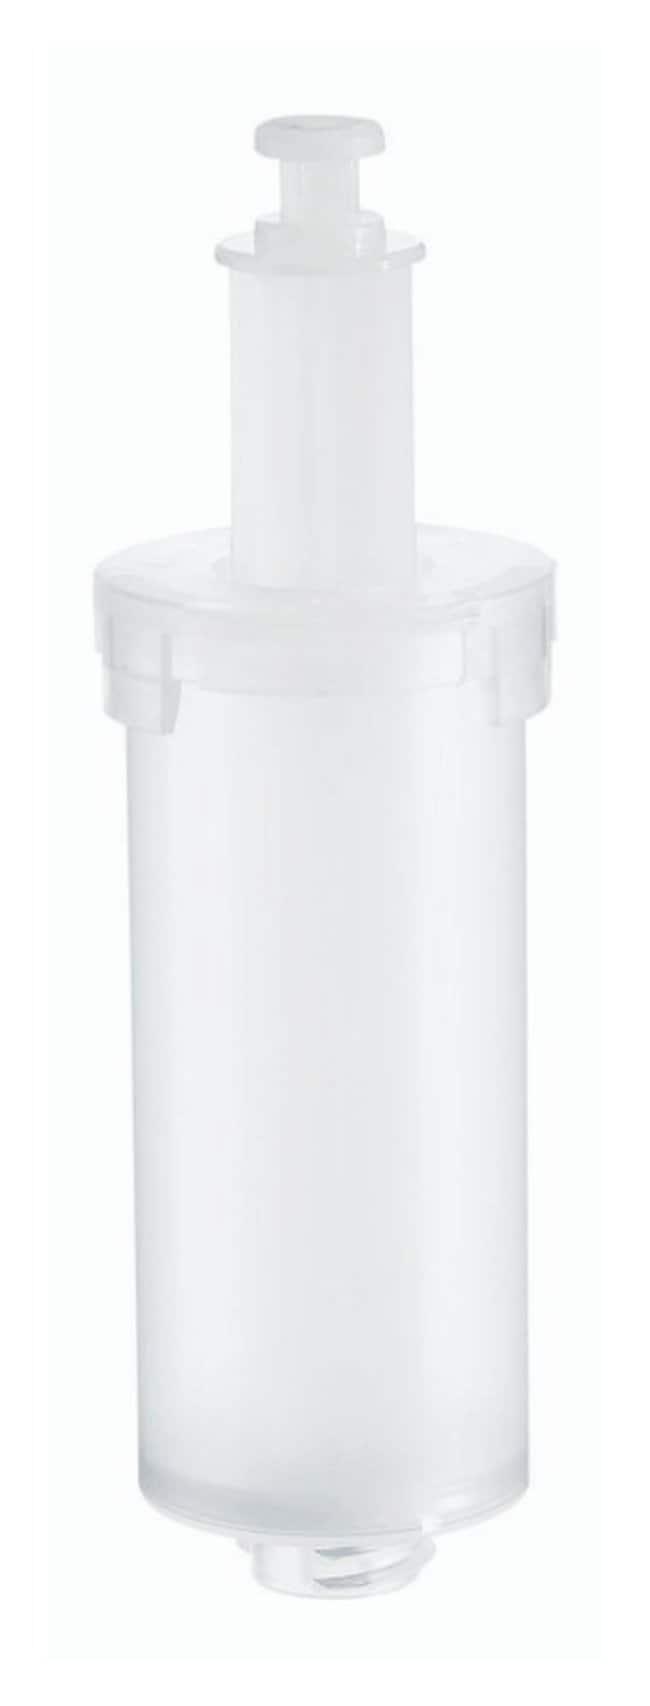 BrandTech™ BRAND™Replacement Dispenser Cartridges